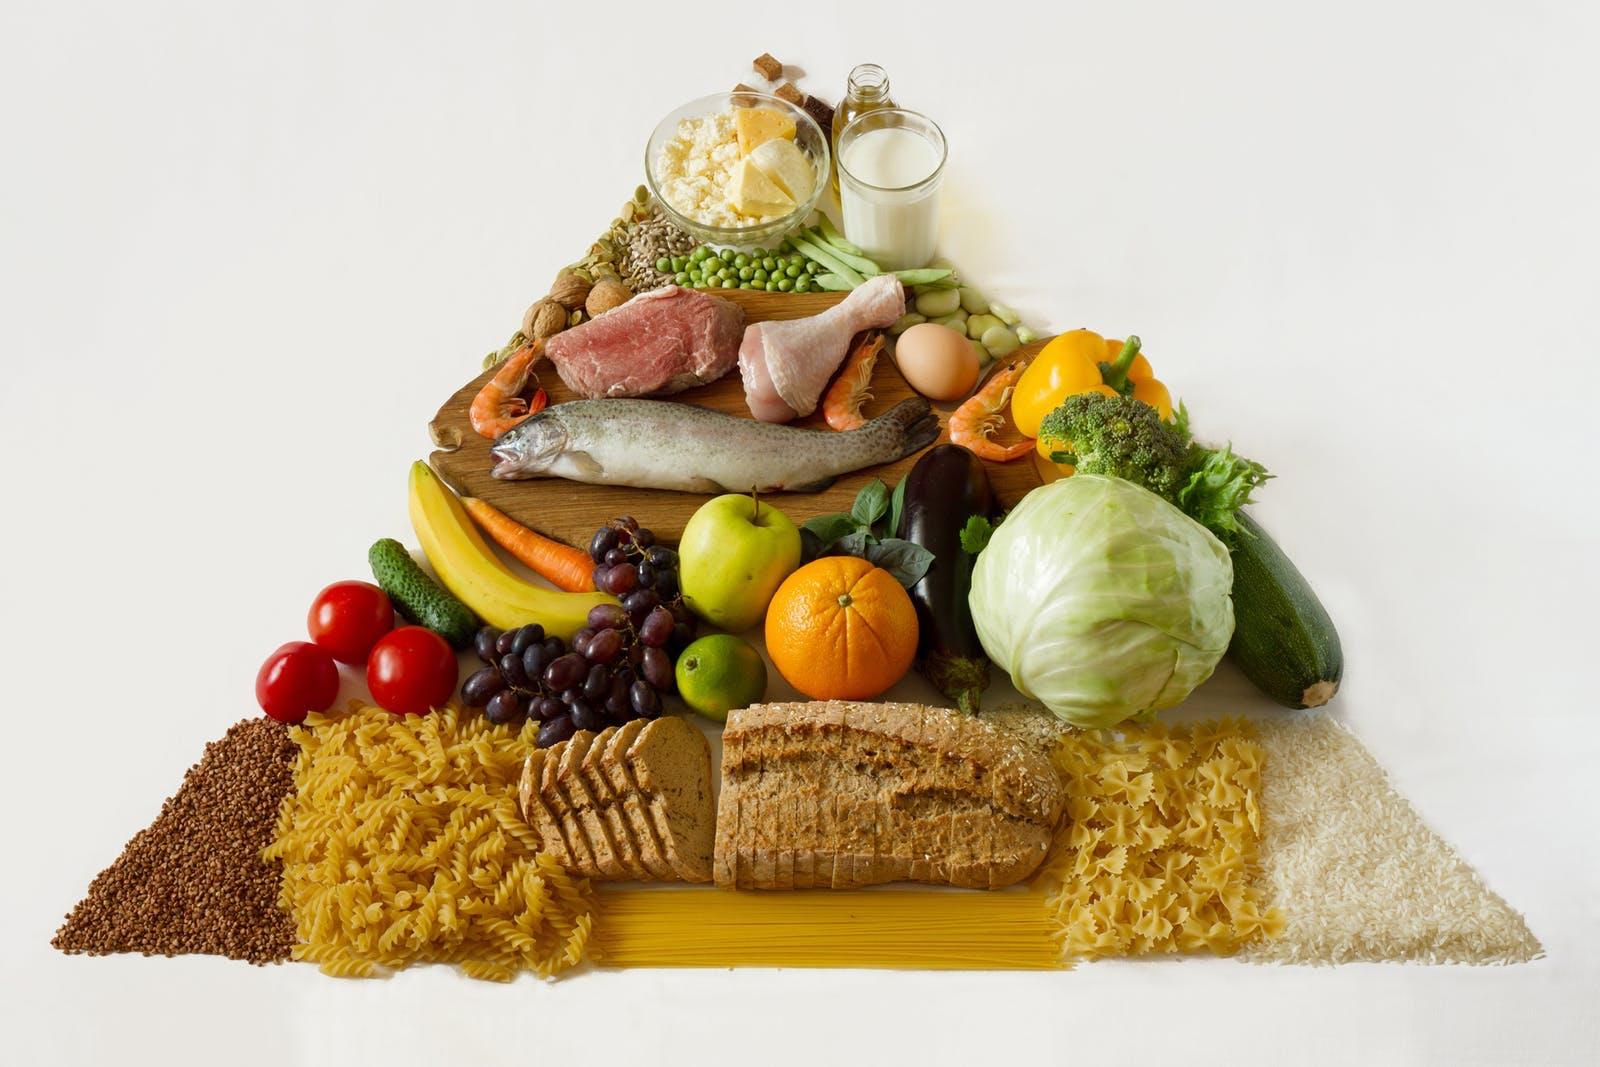 La crisis de salud actual y las pautas de alimentación de Canadá